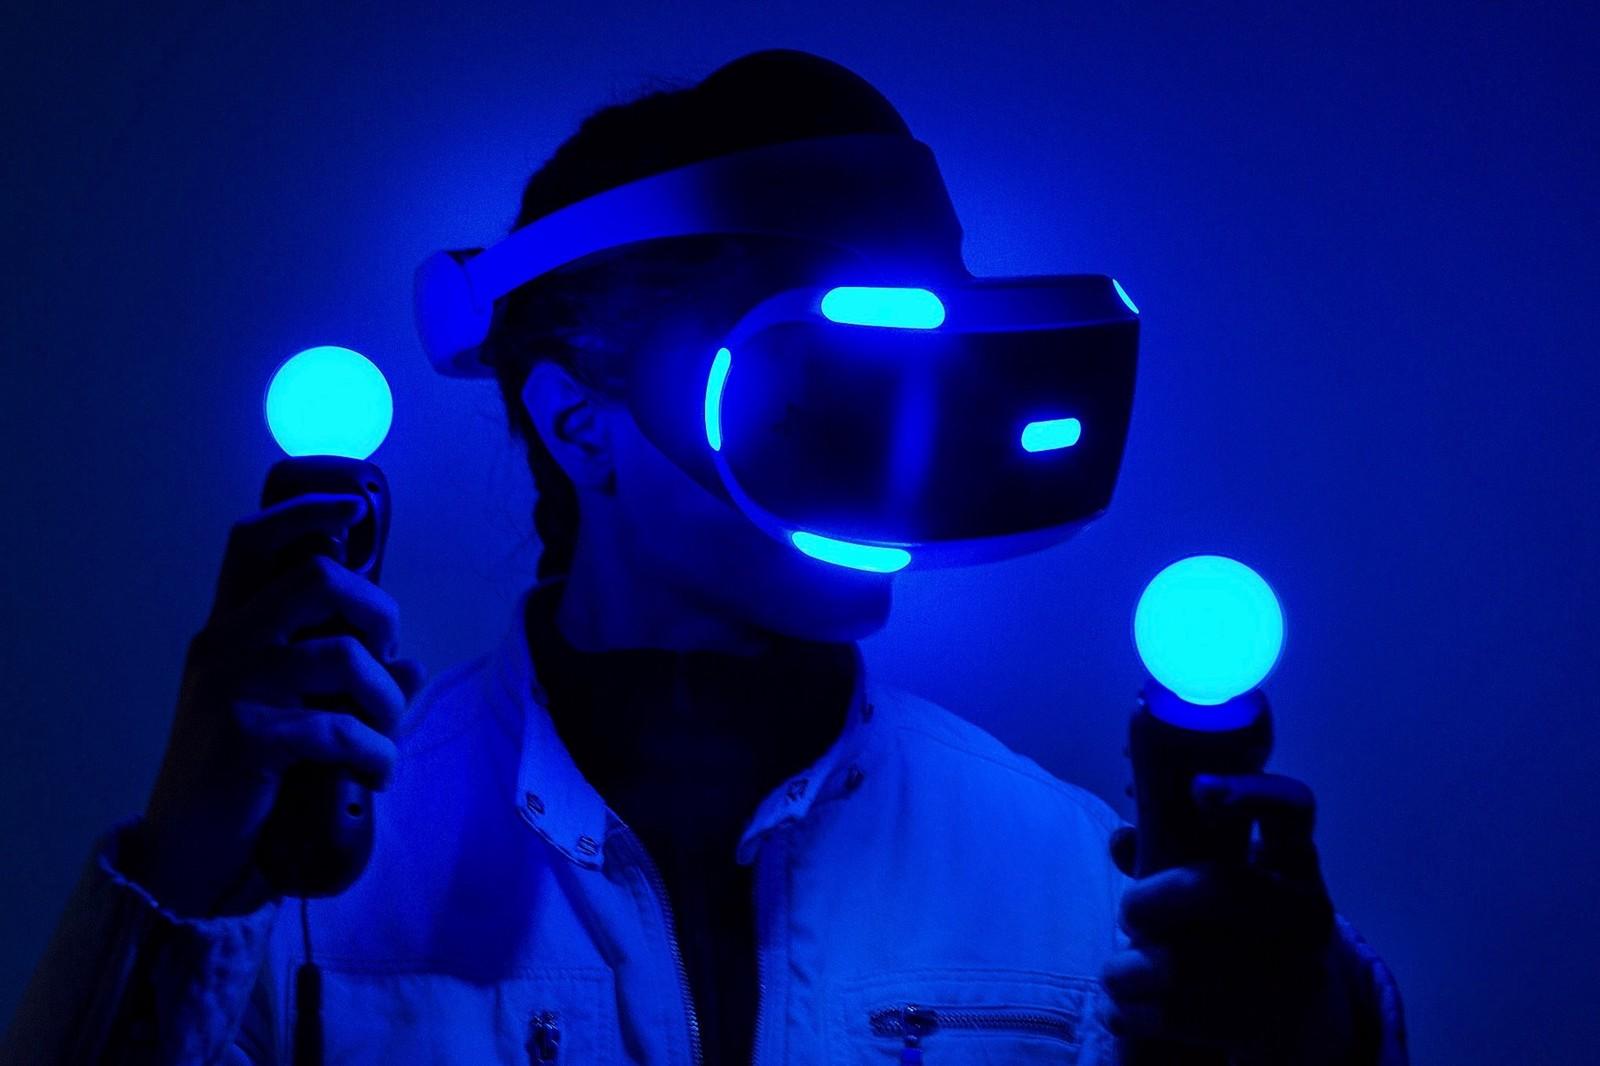 Se aproximan las gafas de realidad virtual next gen PlayStation5 VR